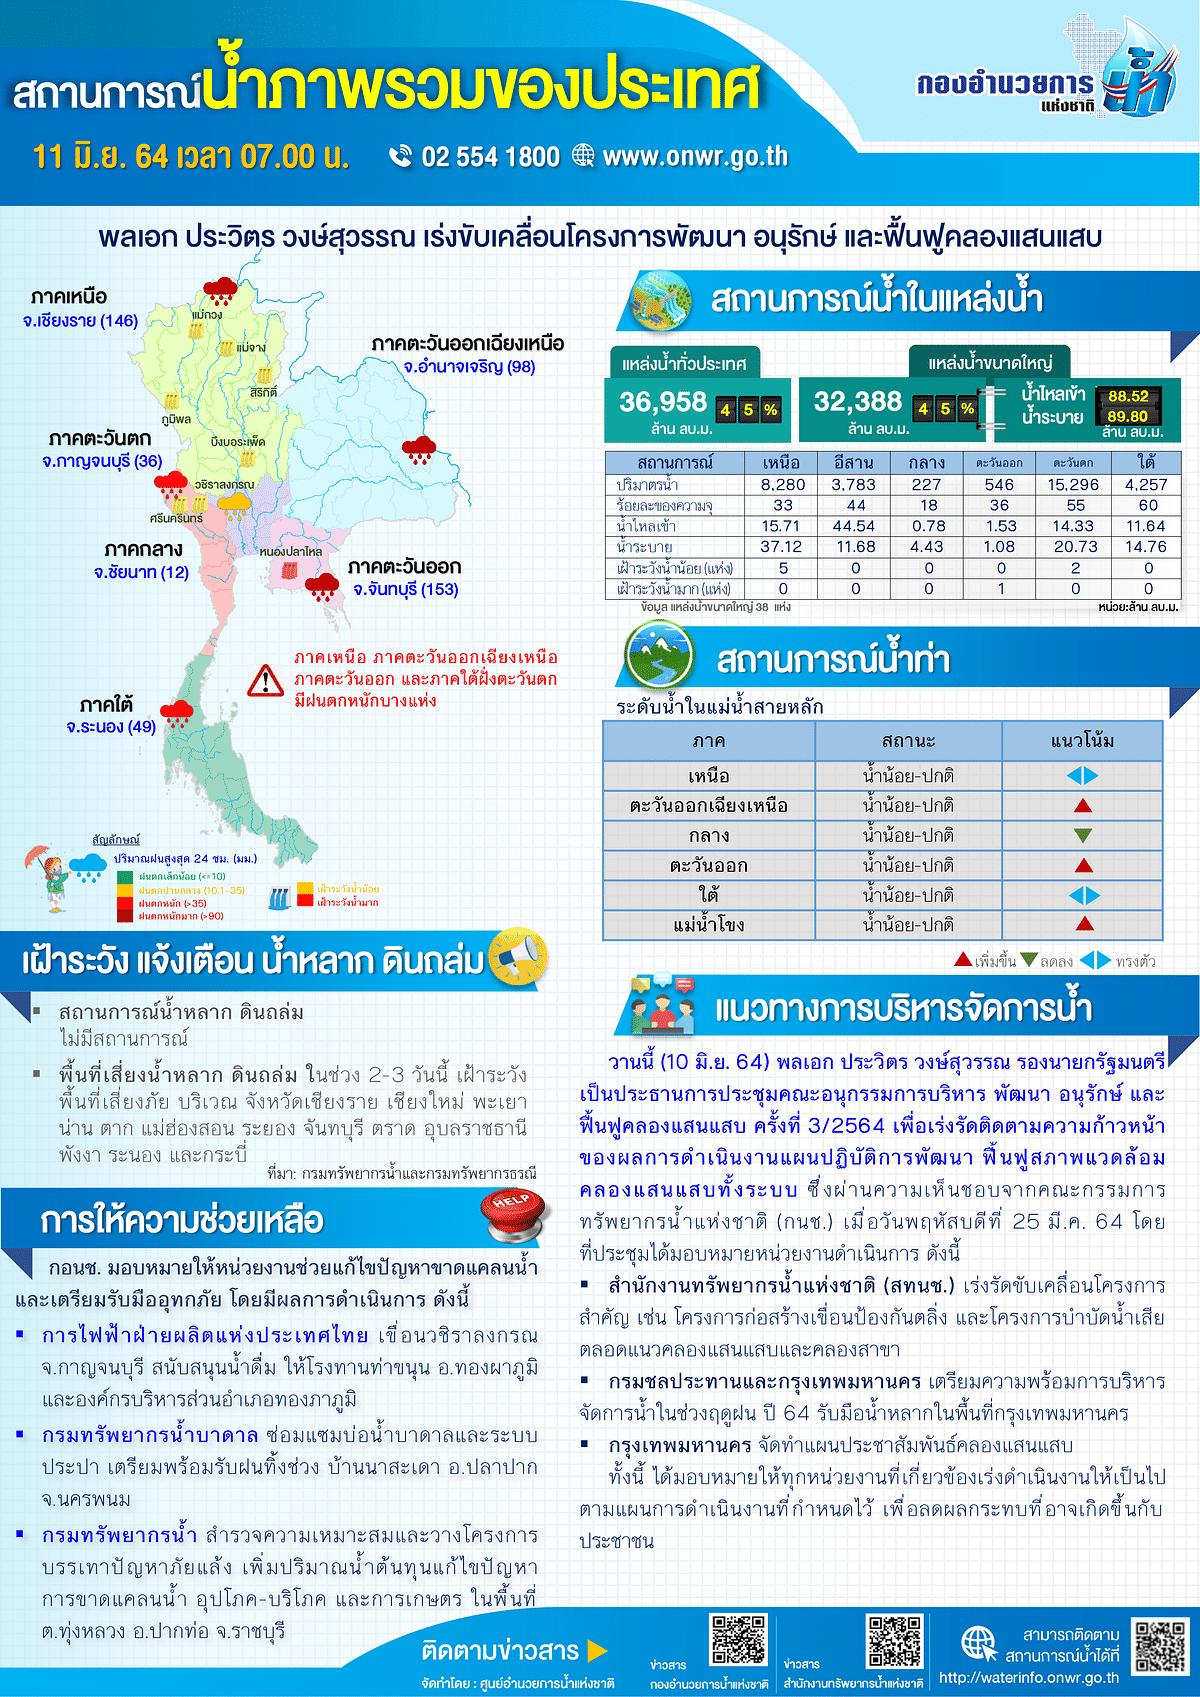 สถานการณ์น้ำภาพรวมของประเทศ 11 มิถุนายน 2564